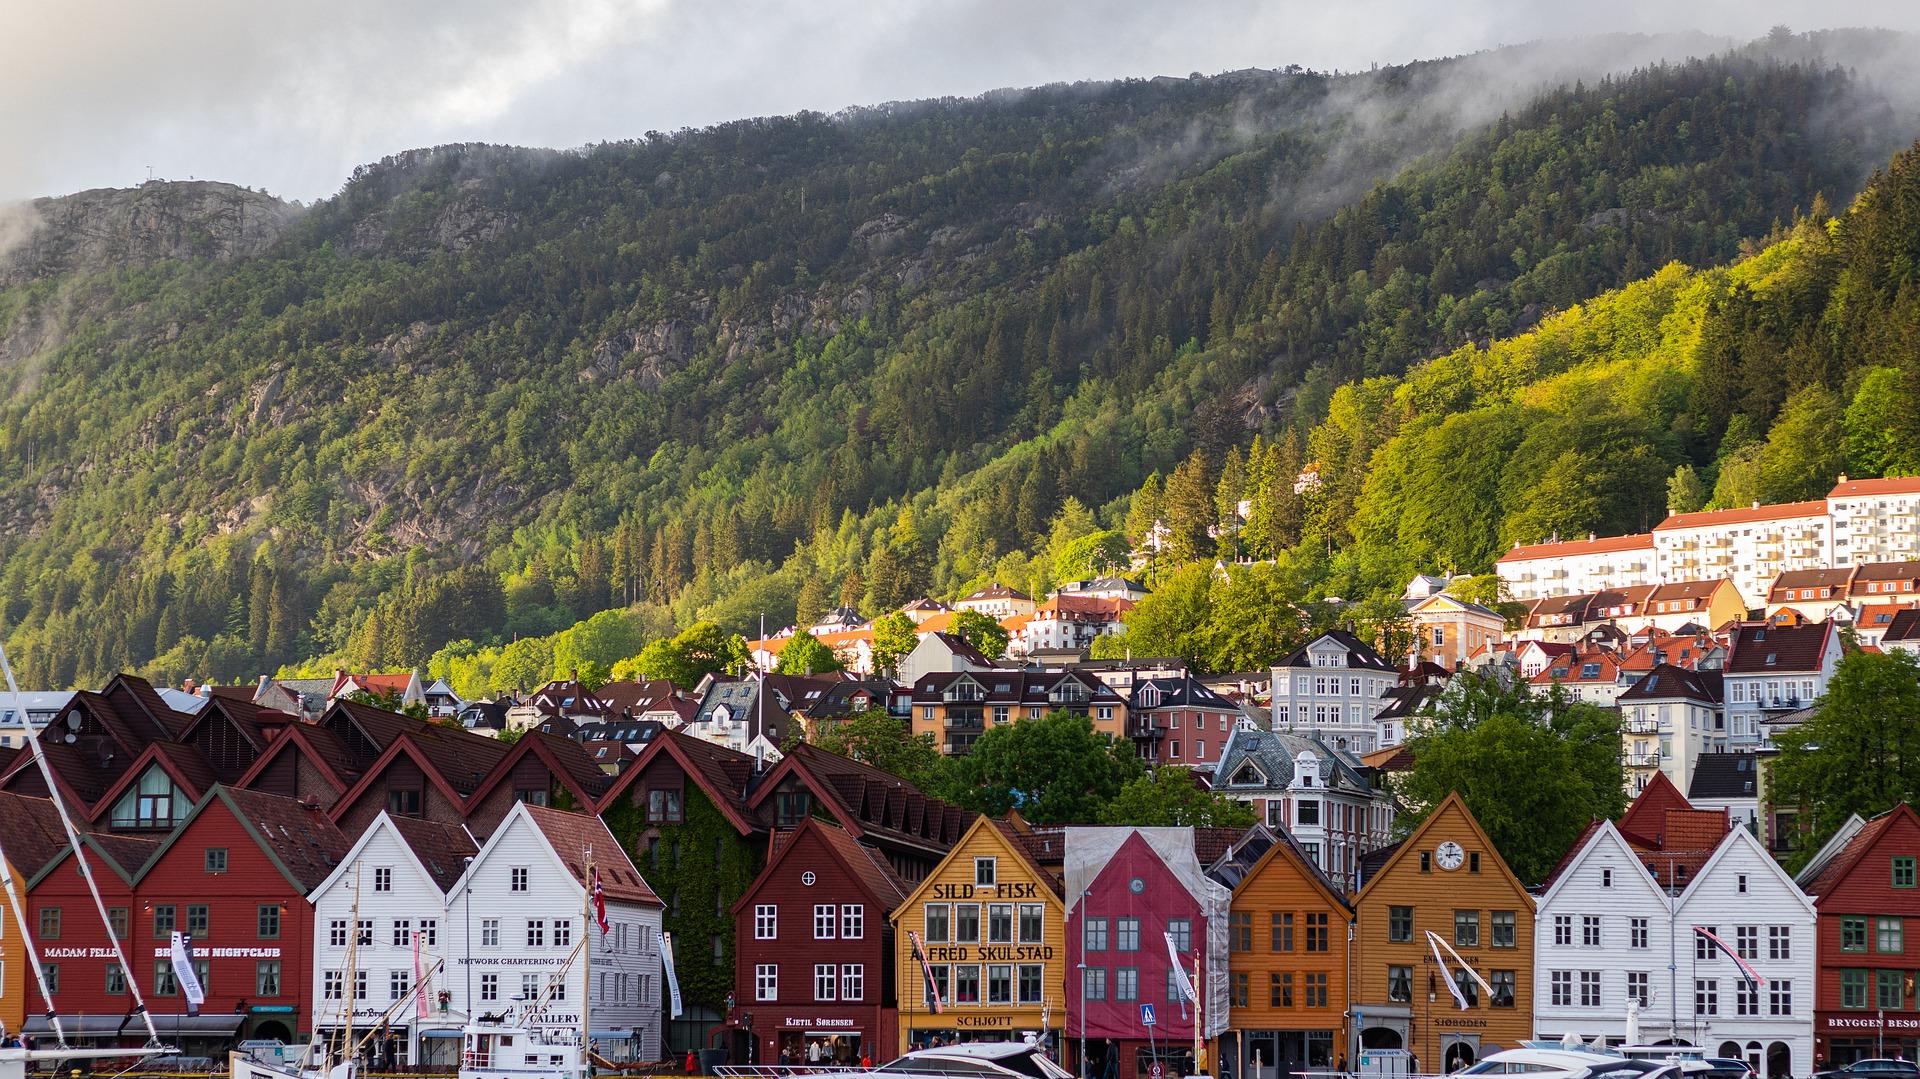 flamsbana: percorso del treno panoramico in Norvegia